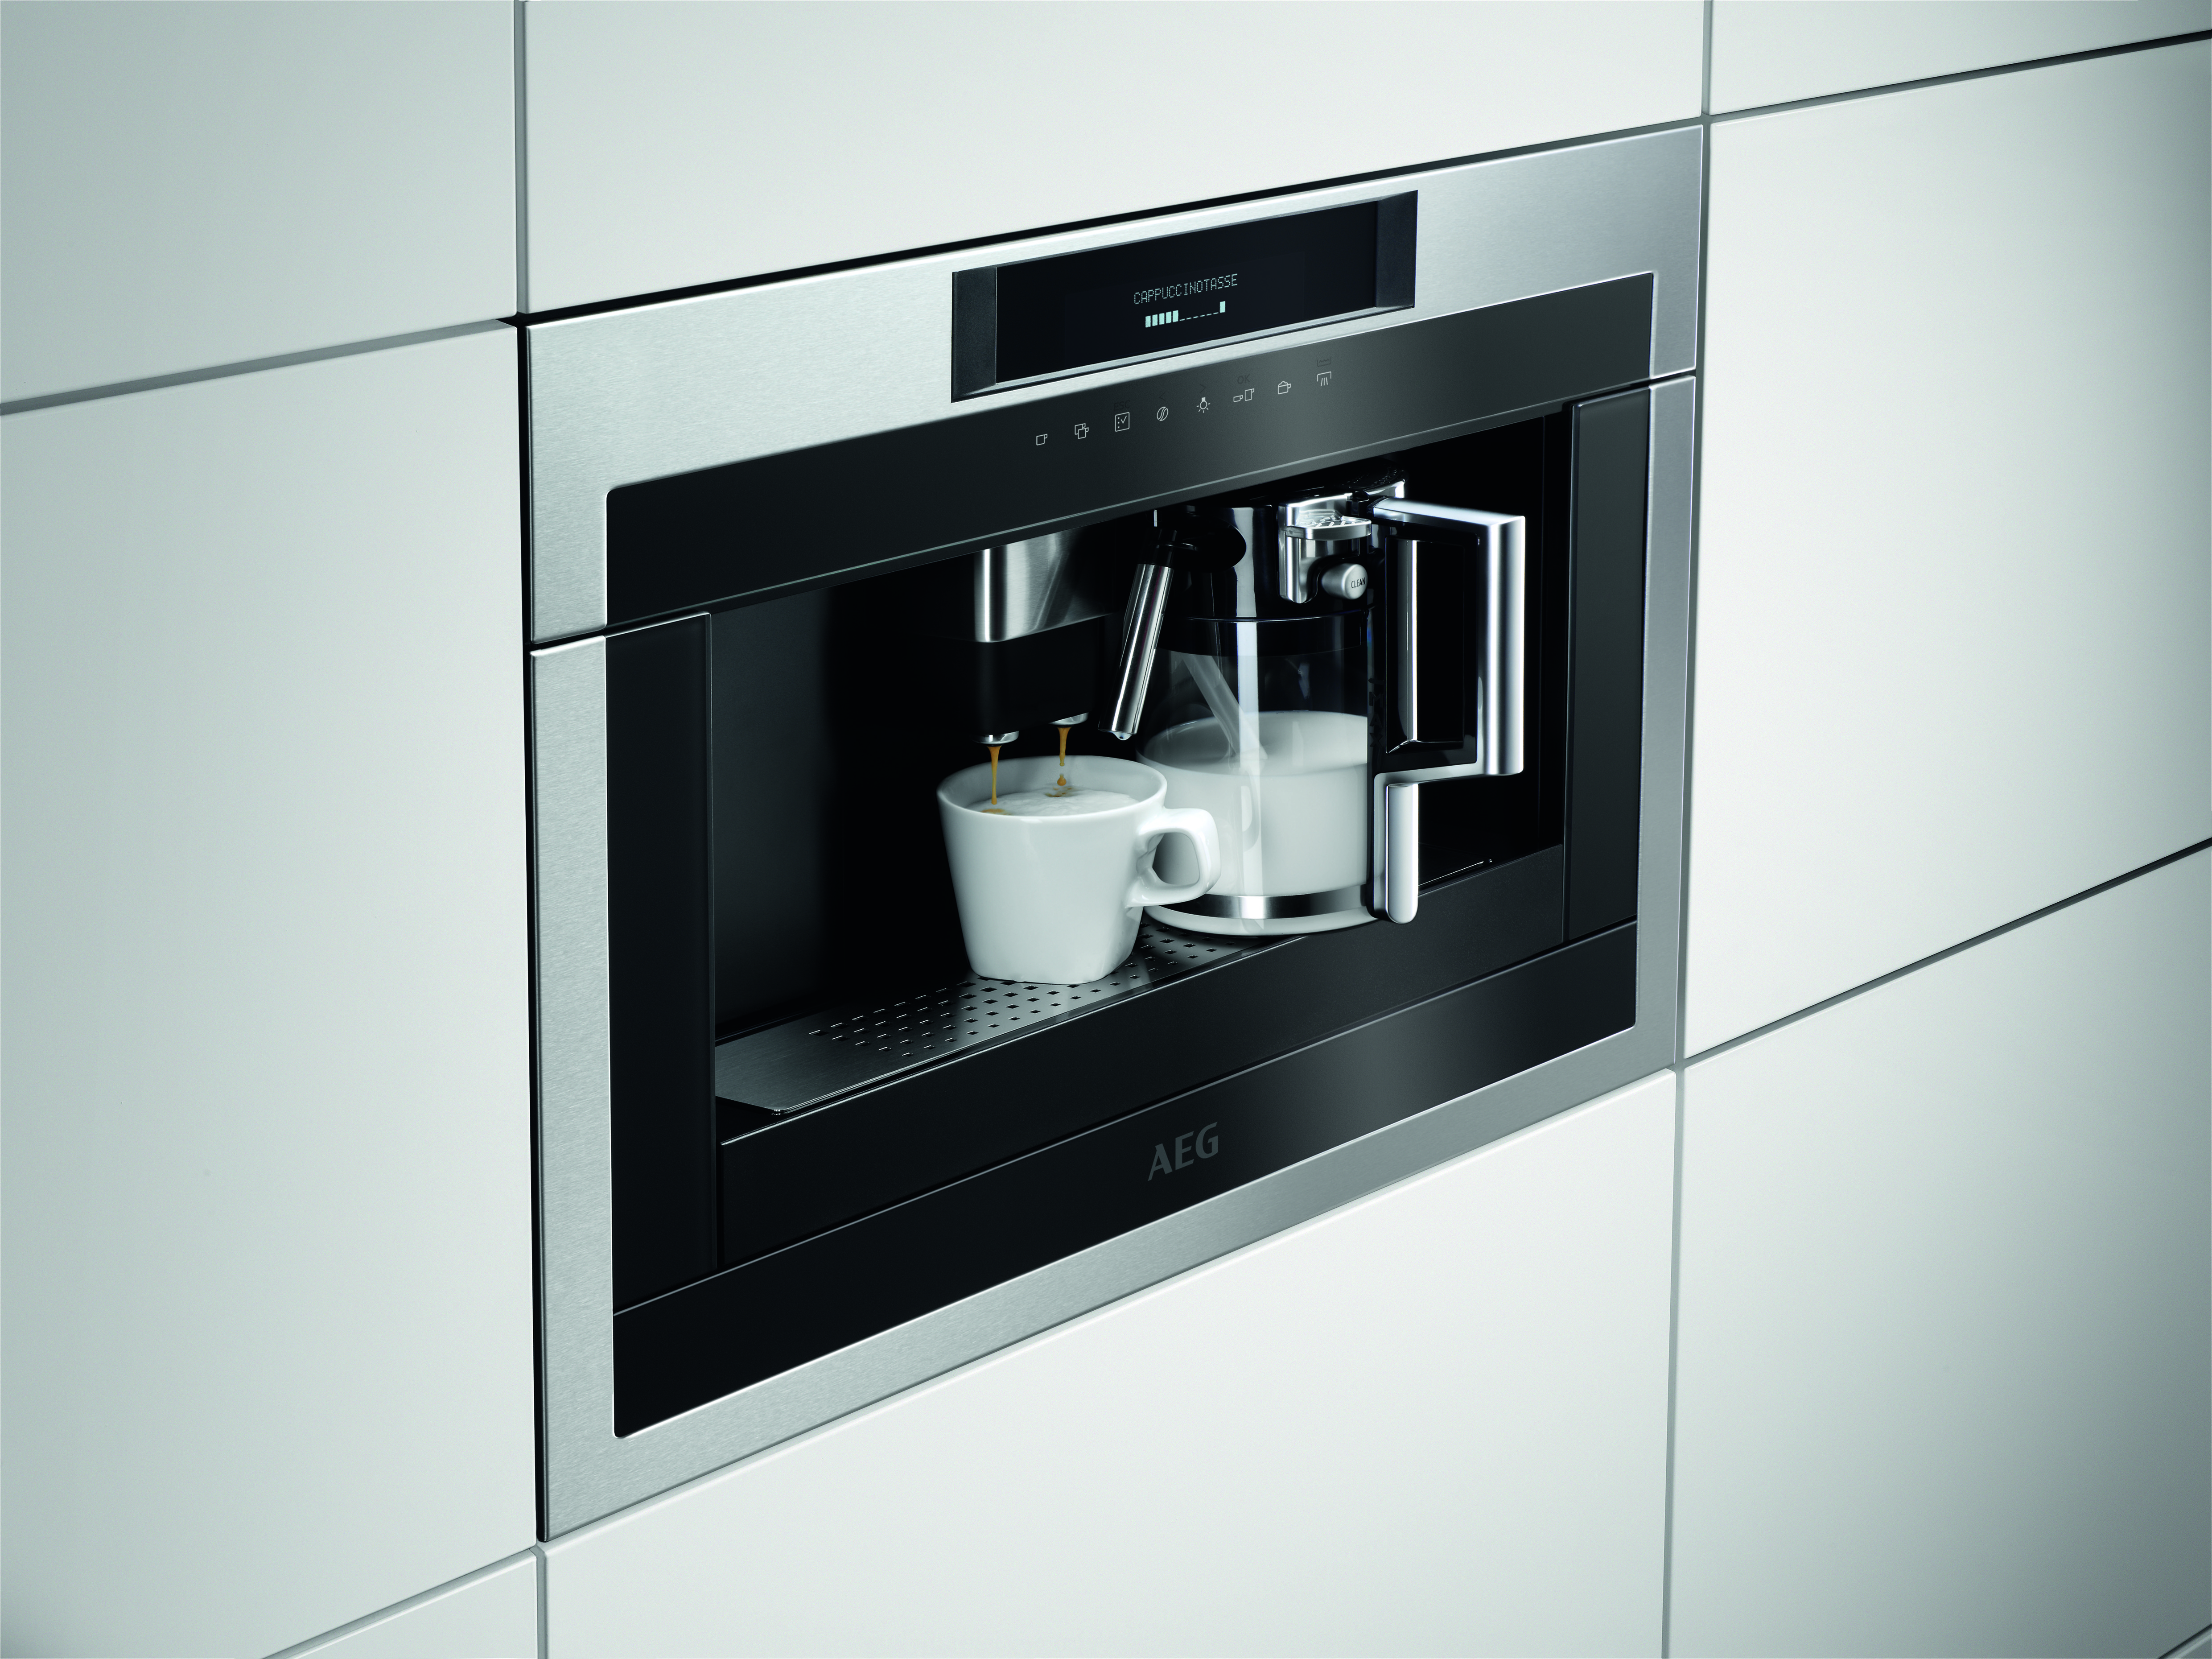 Aeg Keuken Inbouwapparatuur : Aeg kke m inbouwapparatuur beterwitgoed